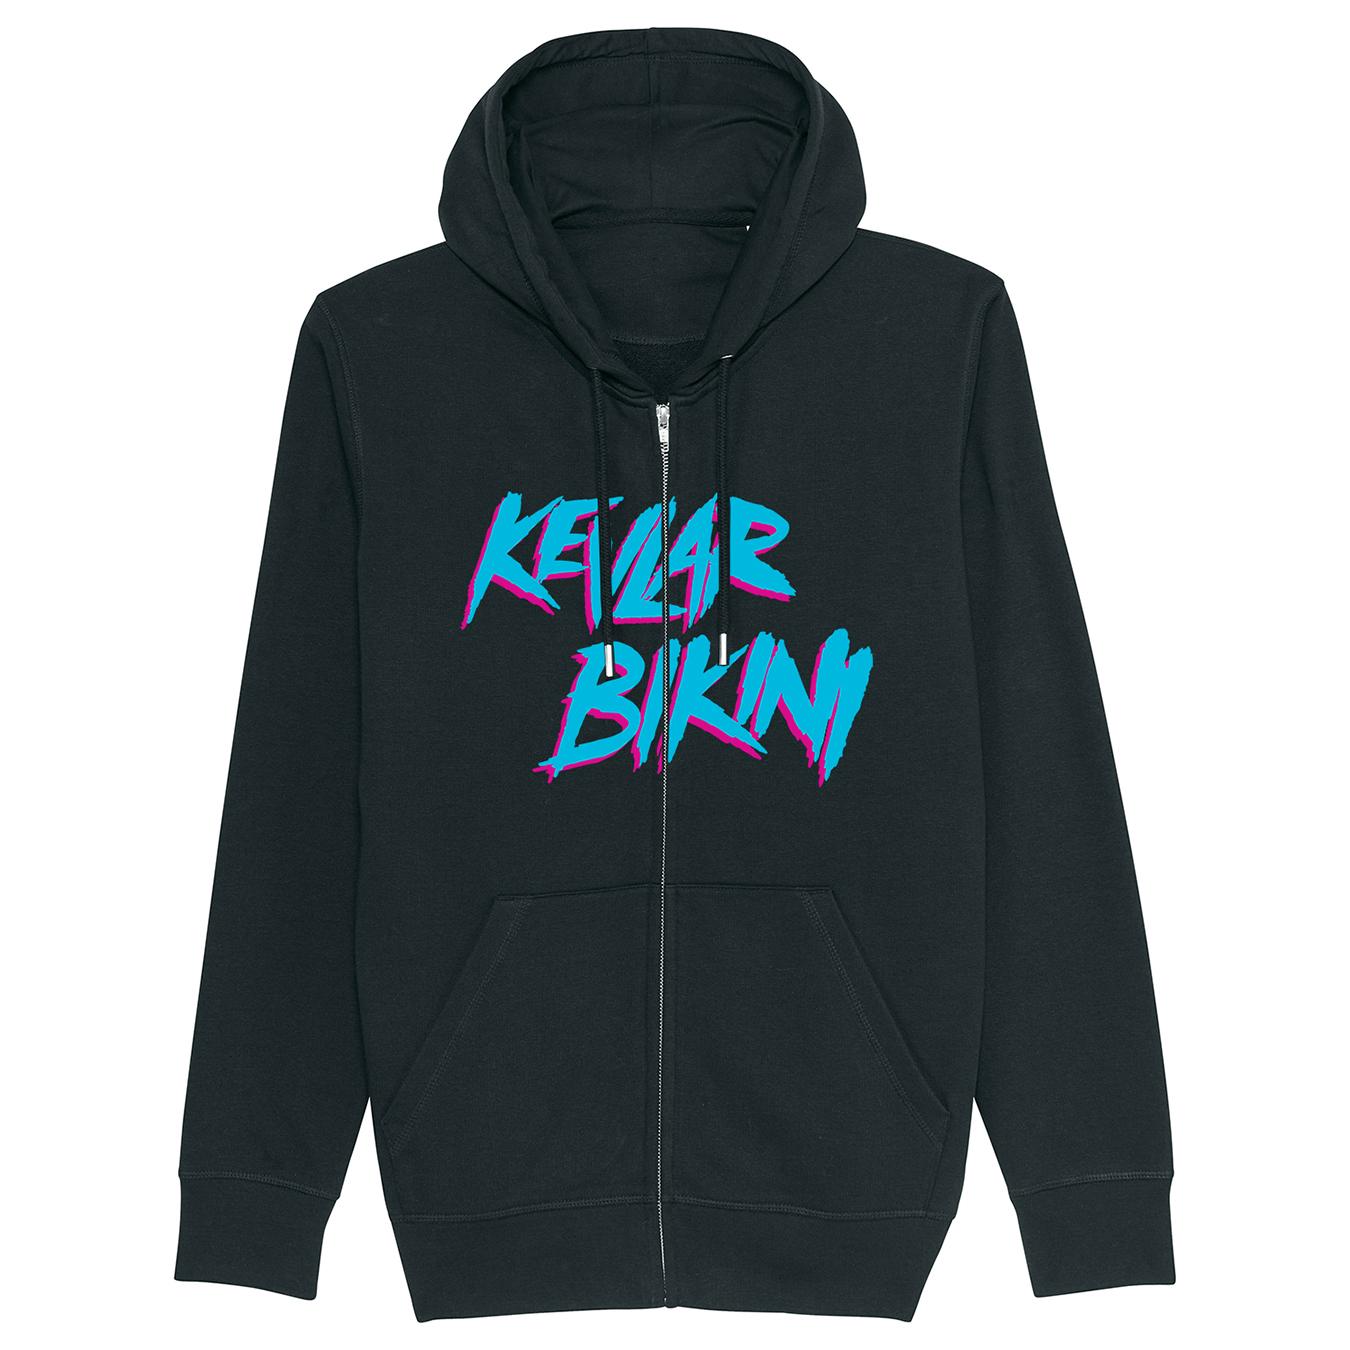 KEVLAR BIKINI - CM Logo - Zipped Hoodie